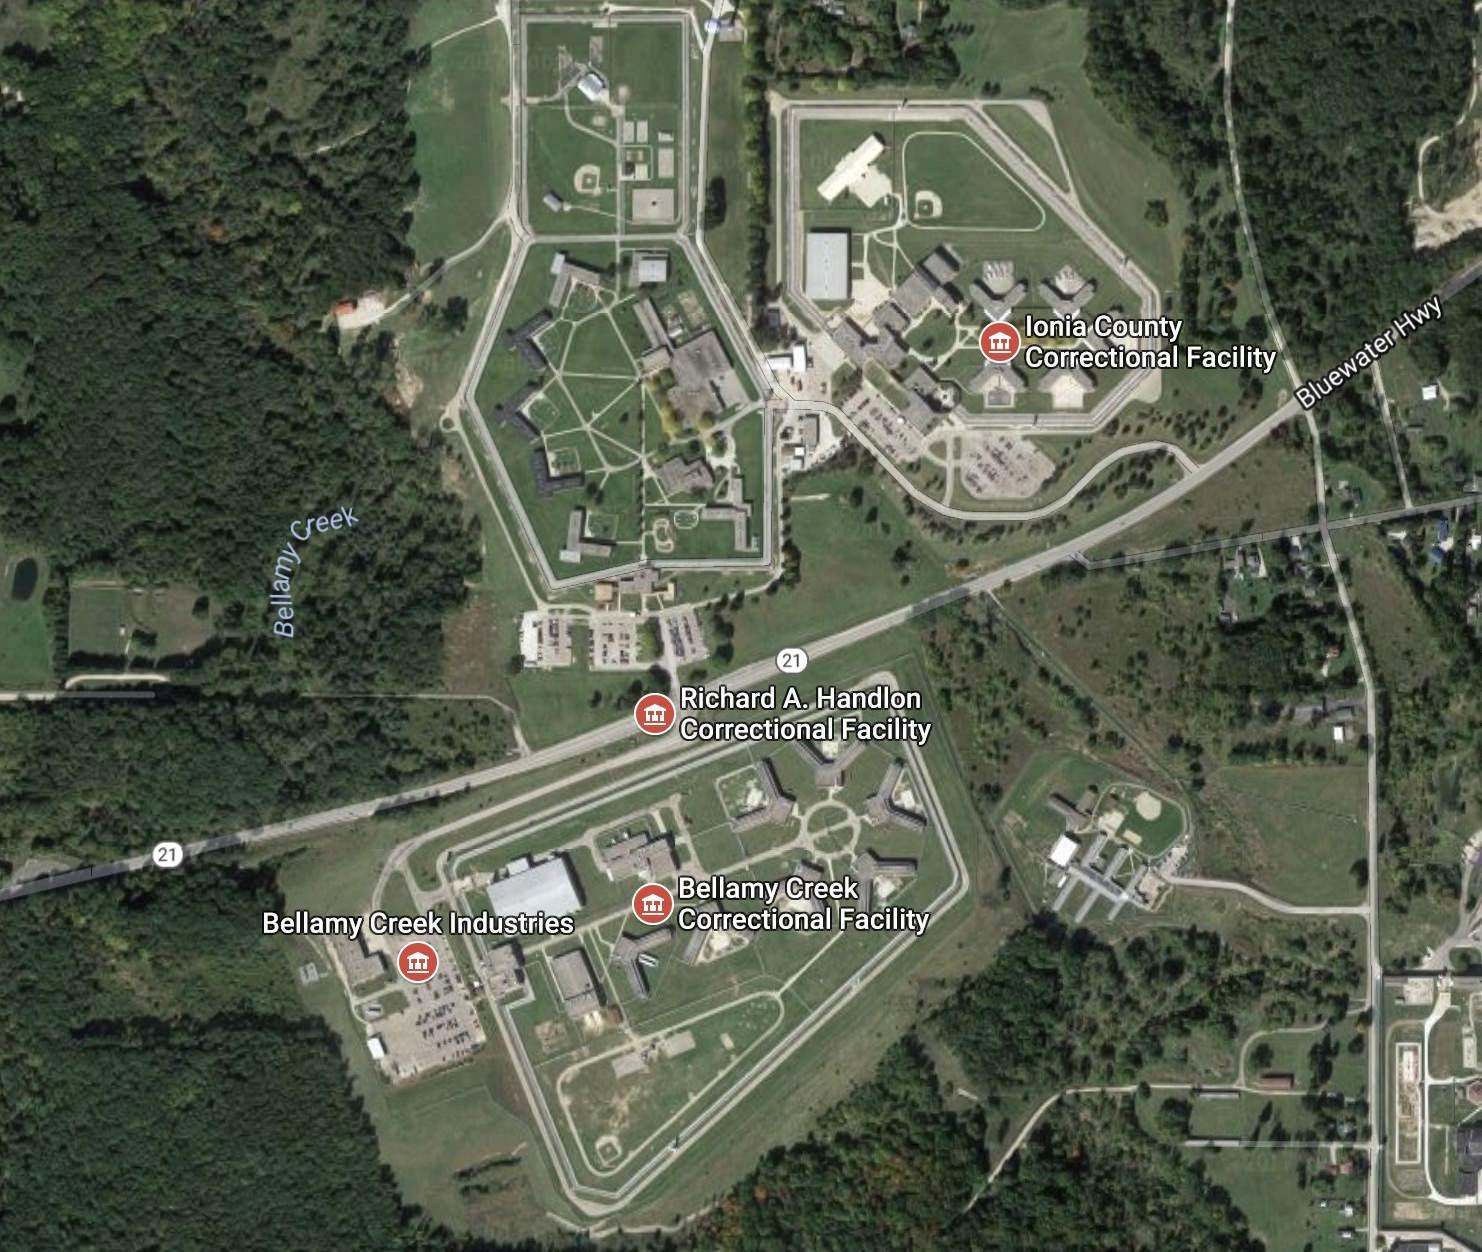 Ionia prisons